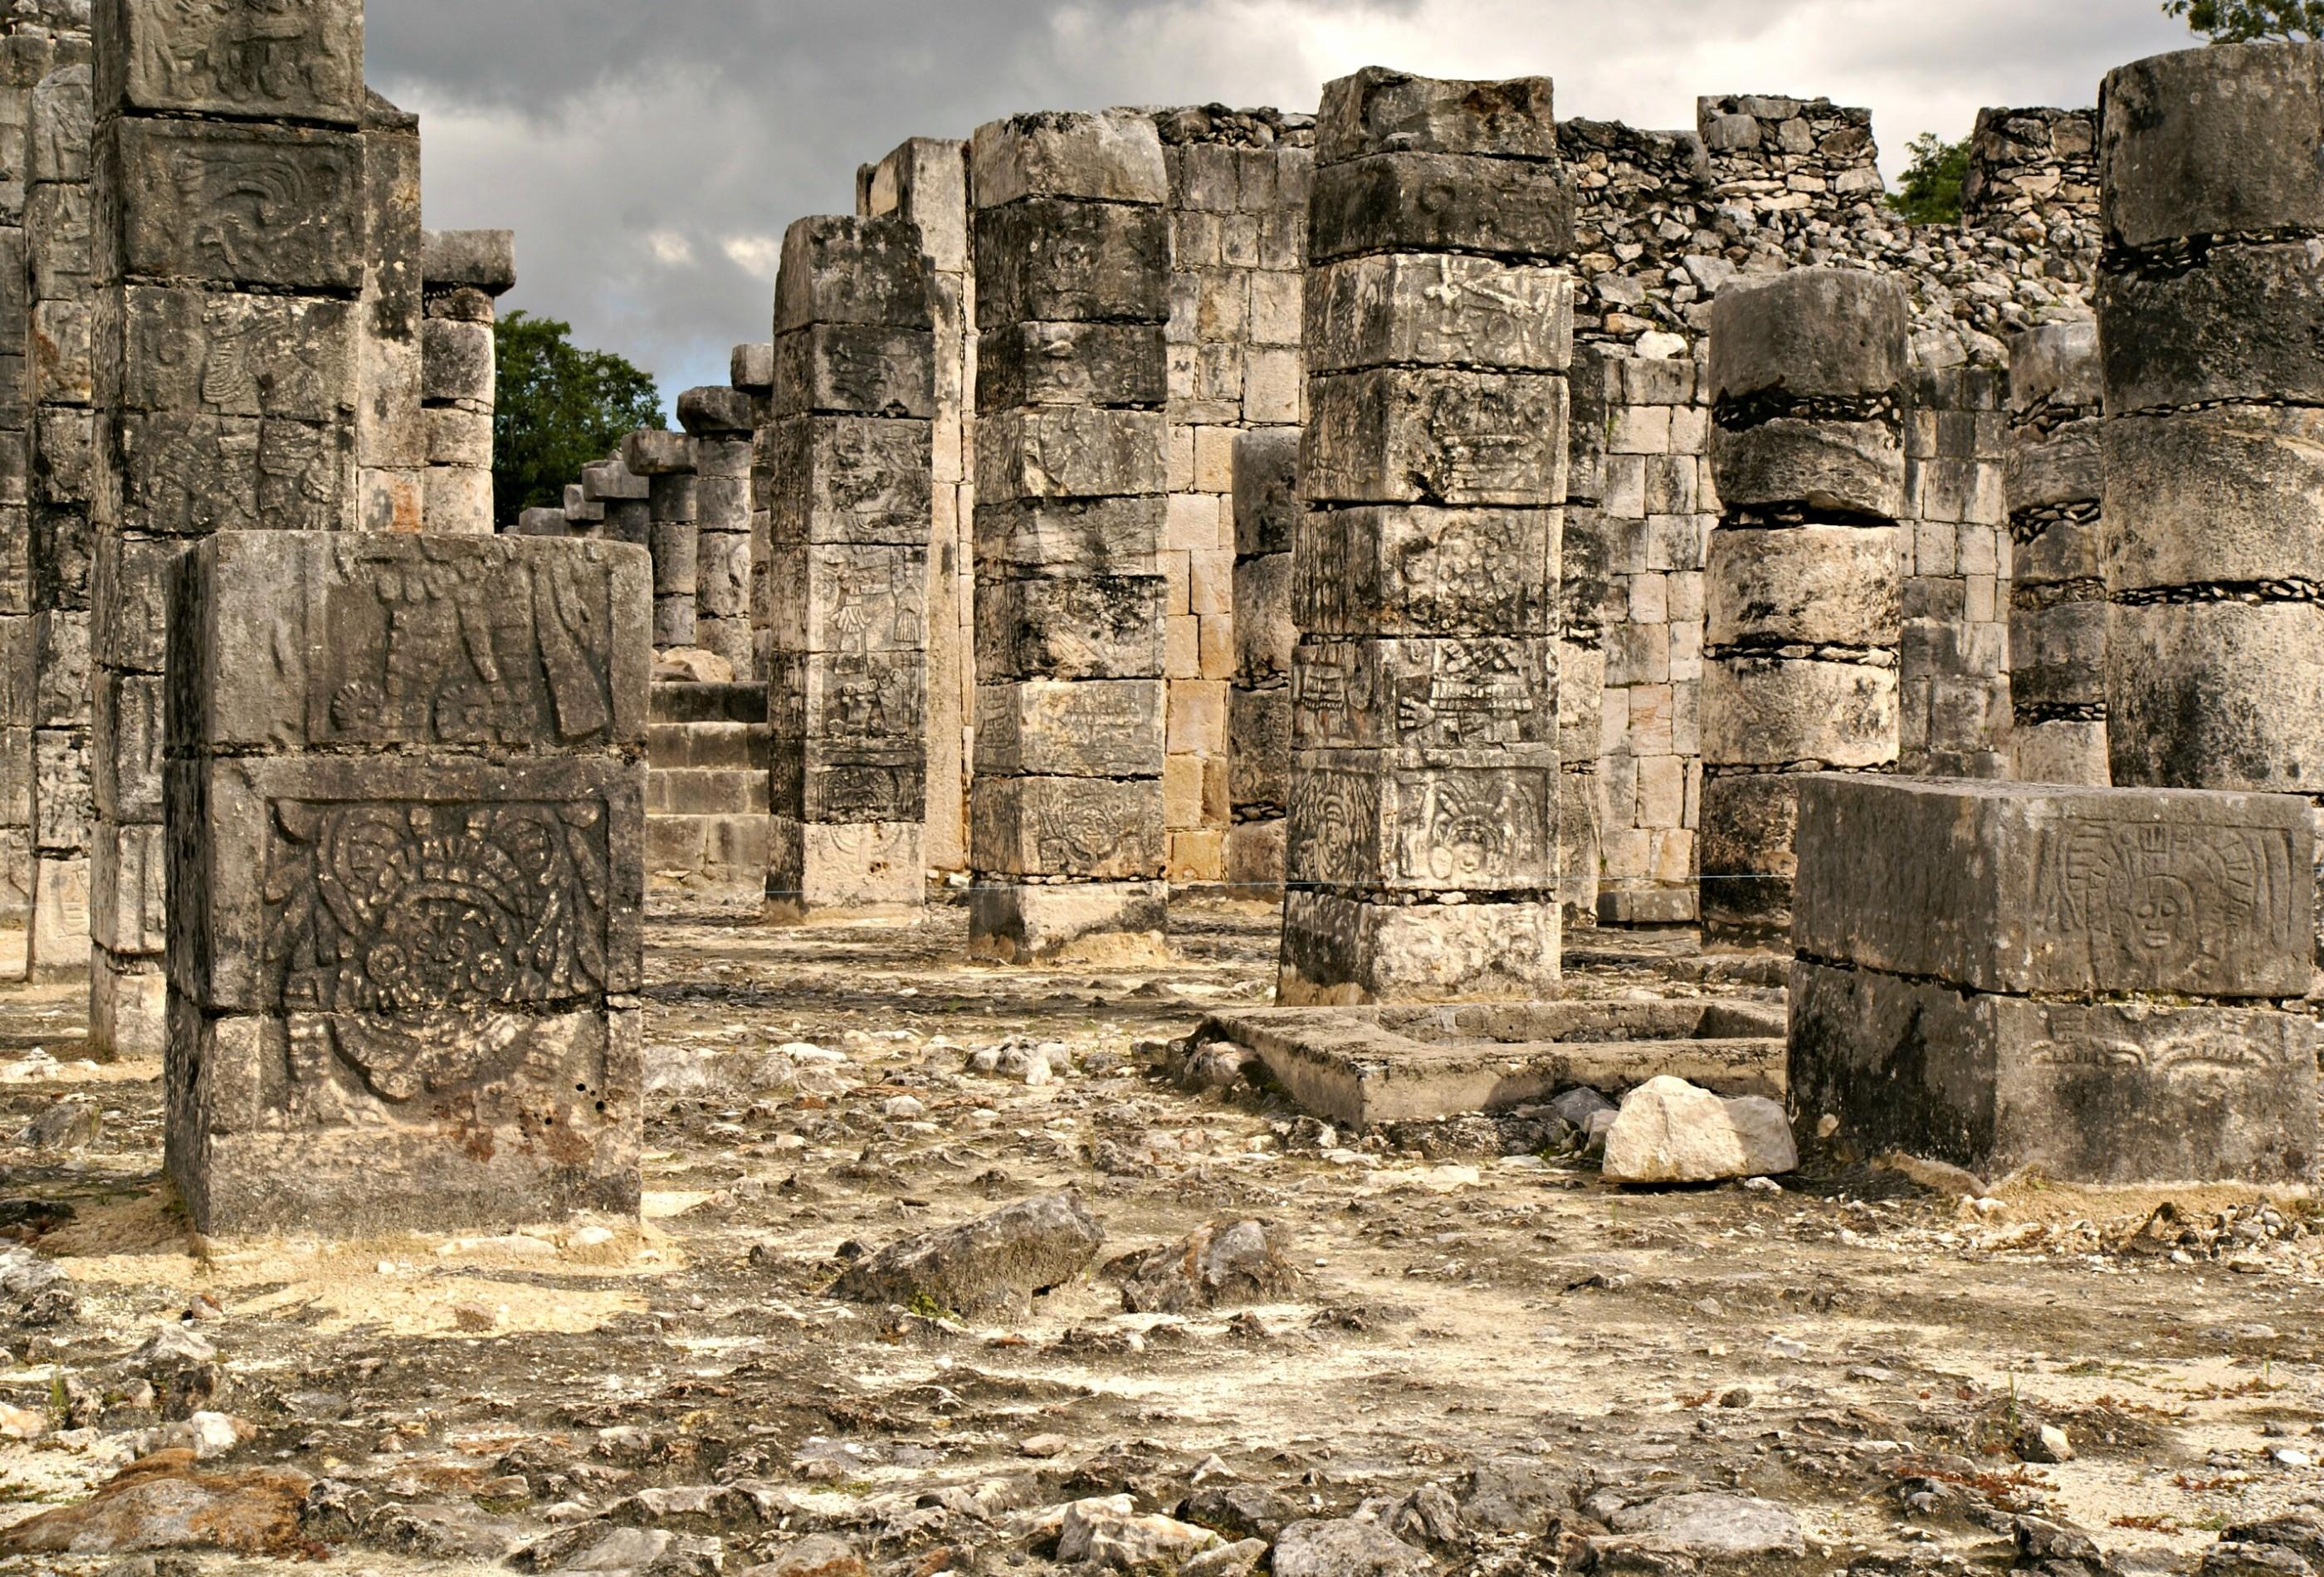 Ruins of of the Chichen Itza. Photo by Ovidiu Balaj